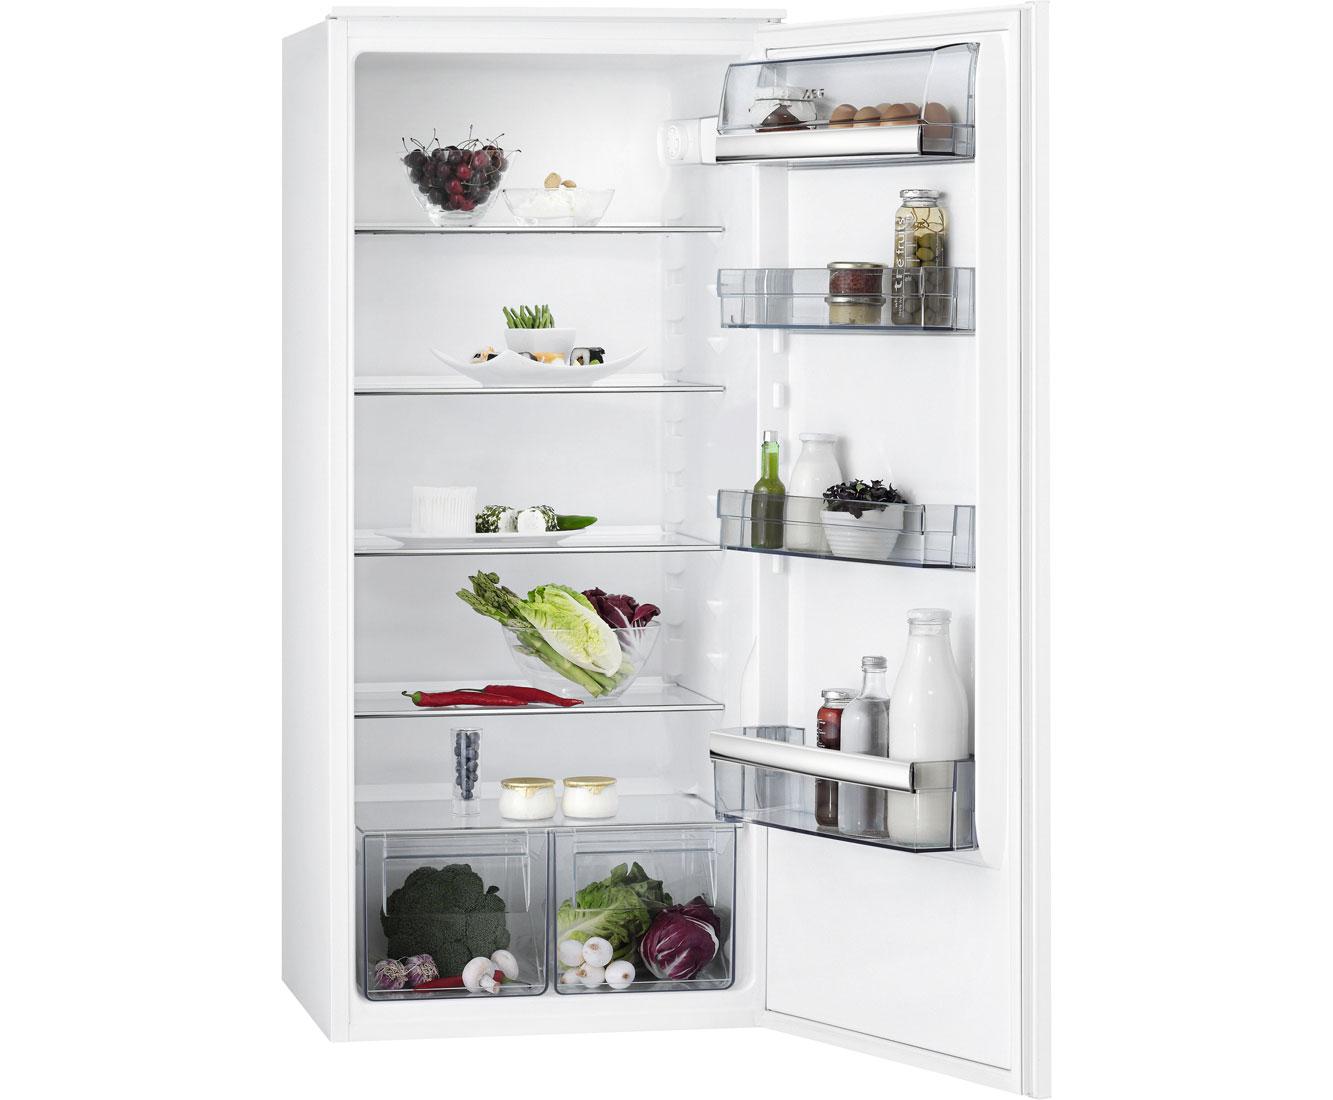 Aeg Kühlschrank Preis : L einbau kühlschrank a preisvergleich u2022 die besten angebote